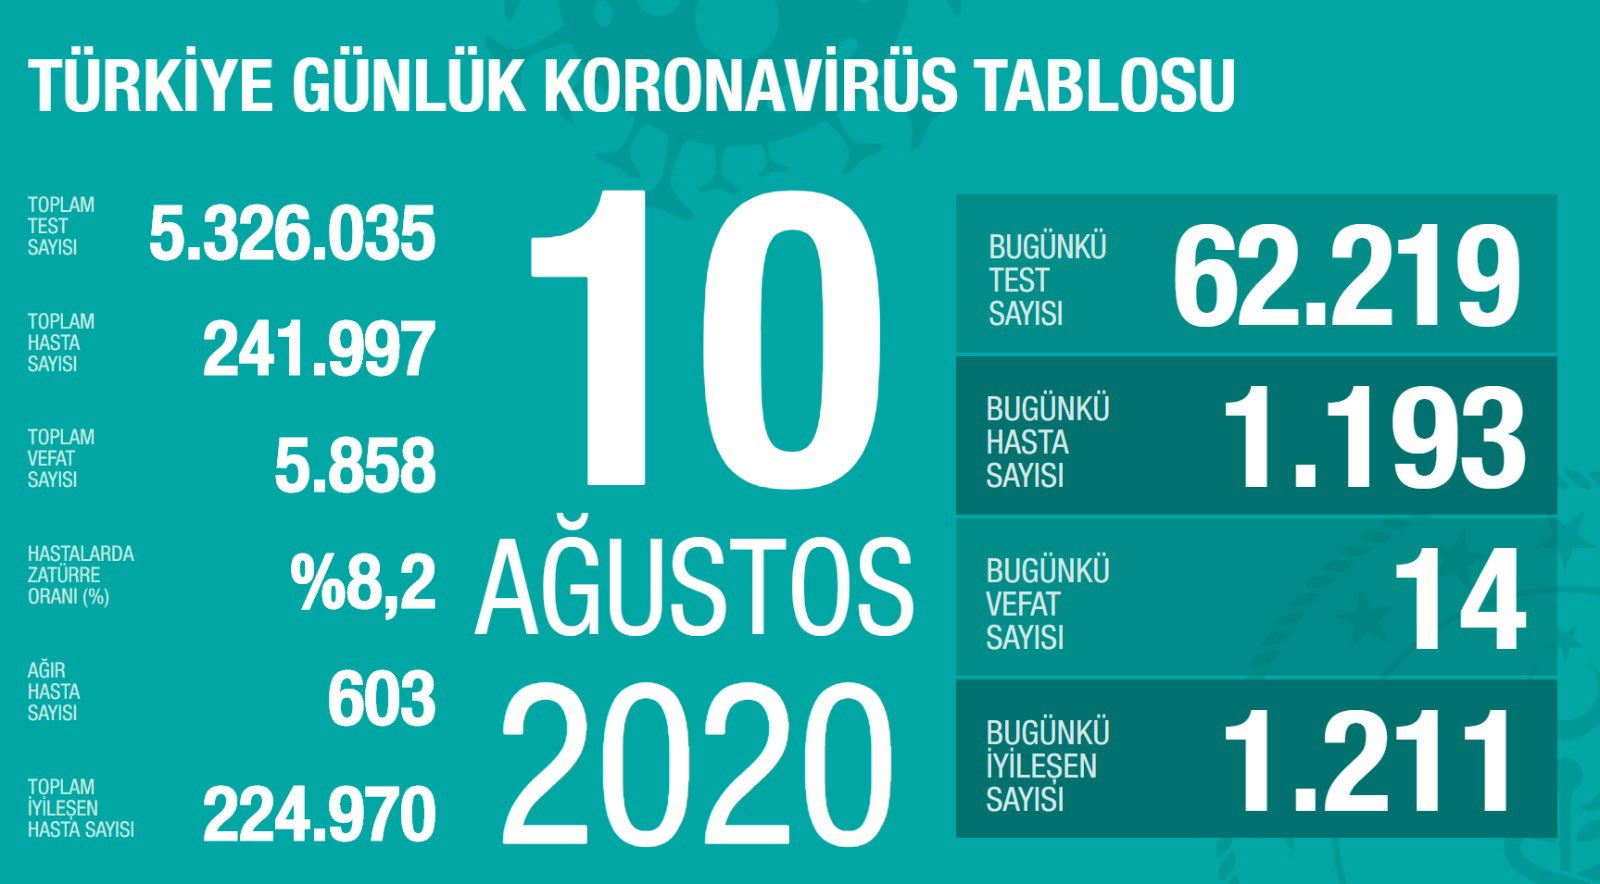 10 Ağustos Türkiye Koronavirüs Tablosu Açıkladı